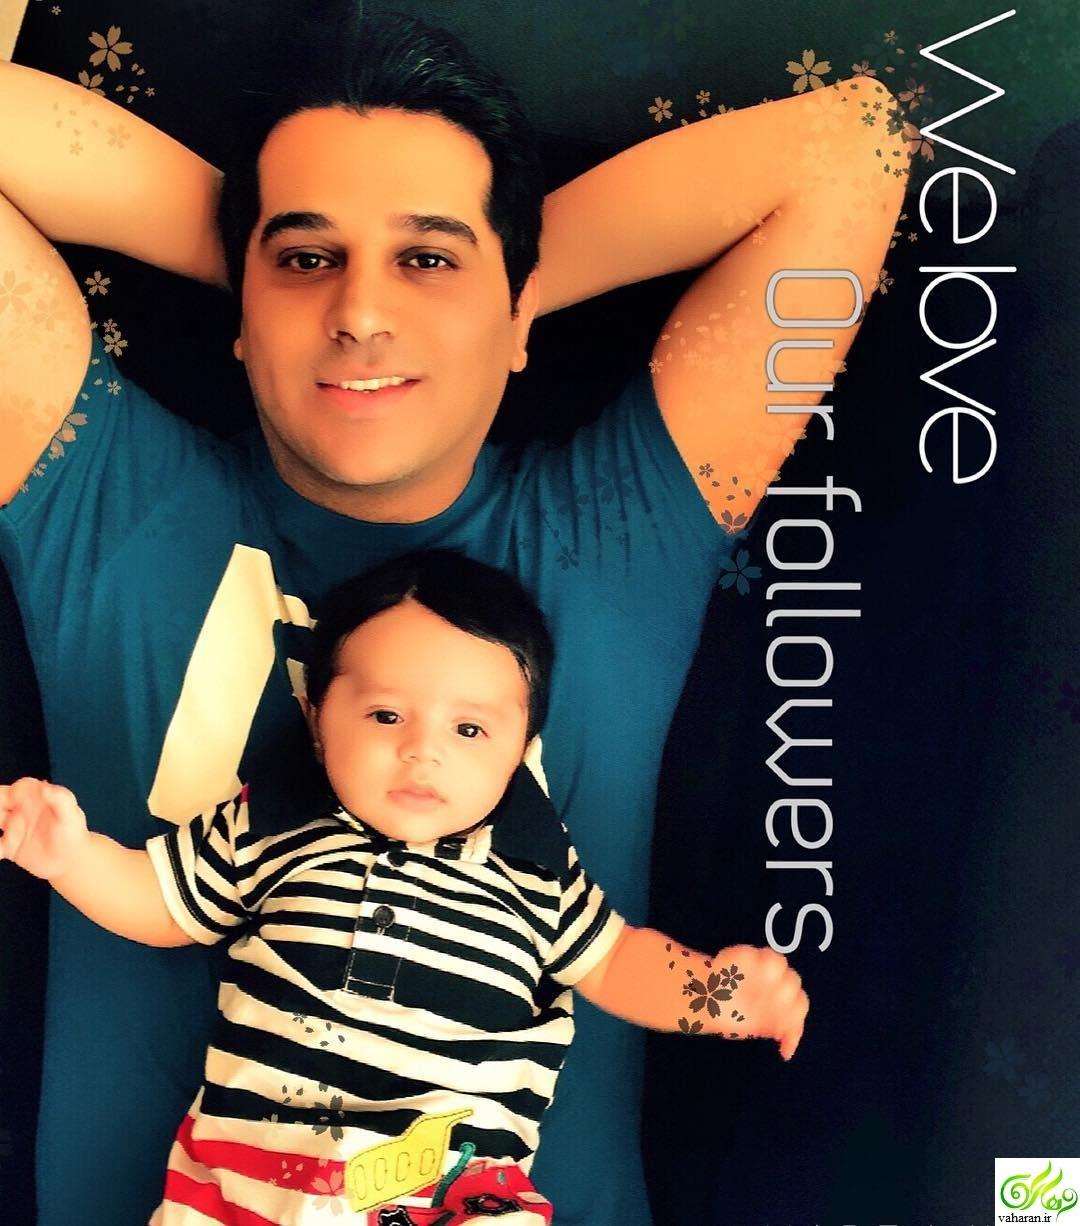 حمید عسکری در خندوانه 10 فروردین 96 + بیوگرافی و عکس های خودش و همسرش و پسرش